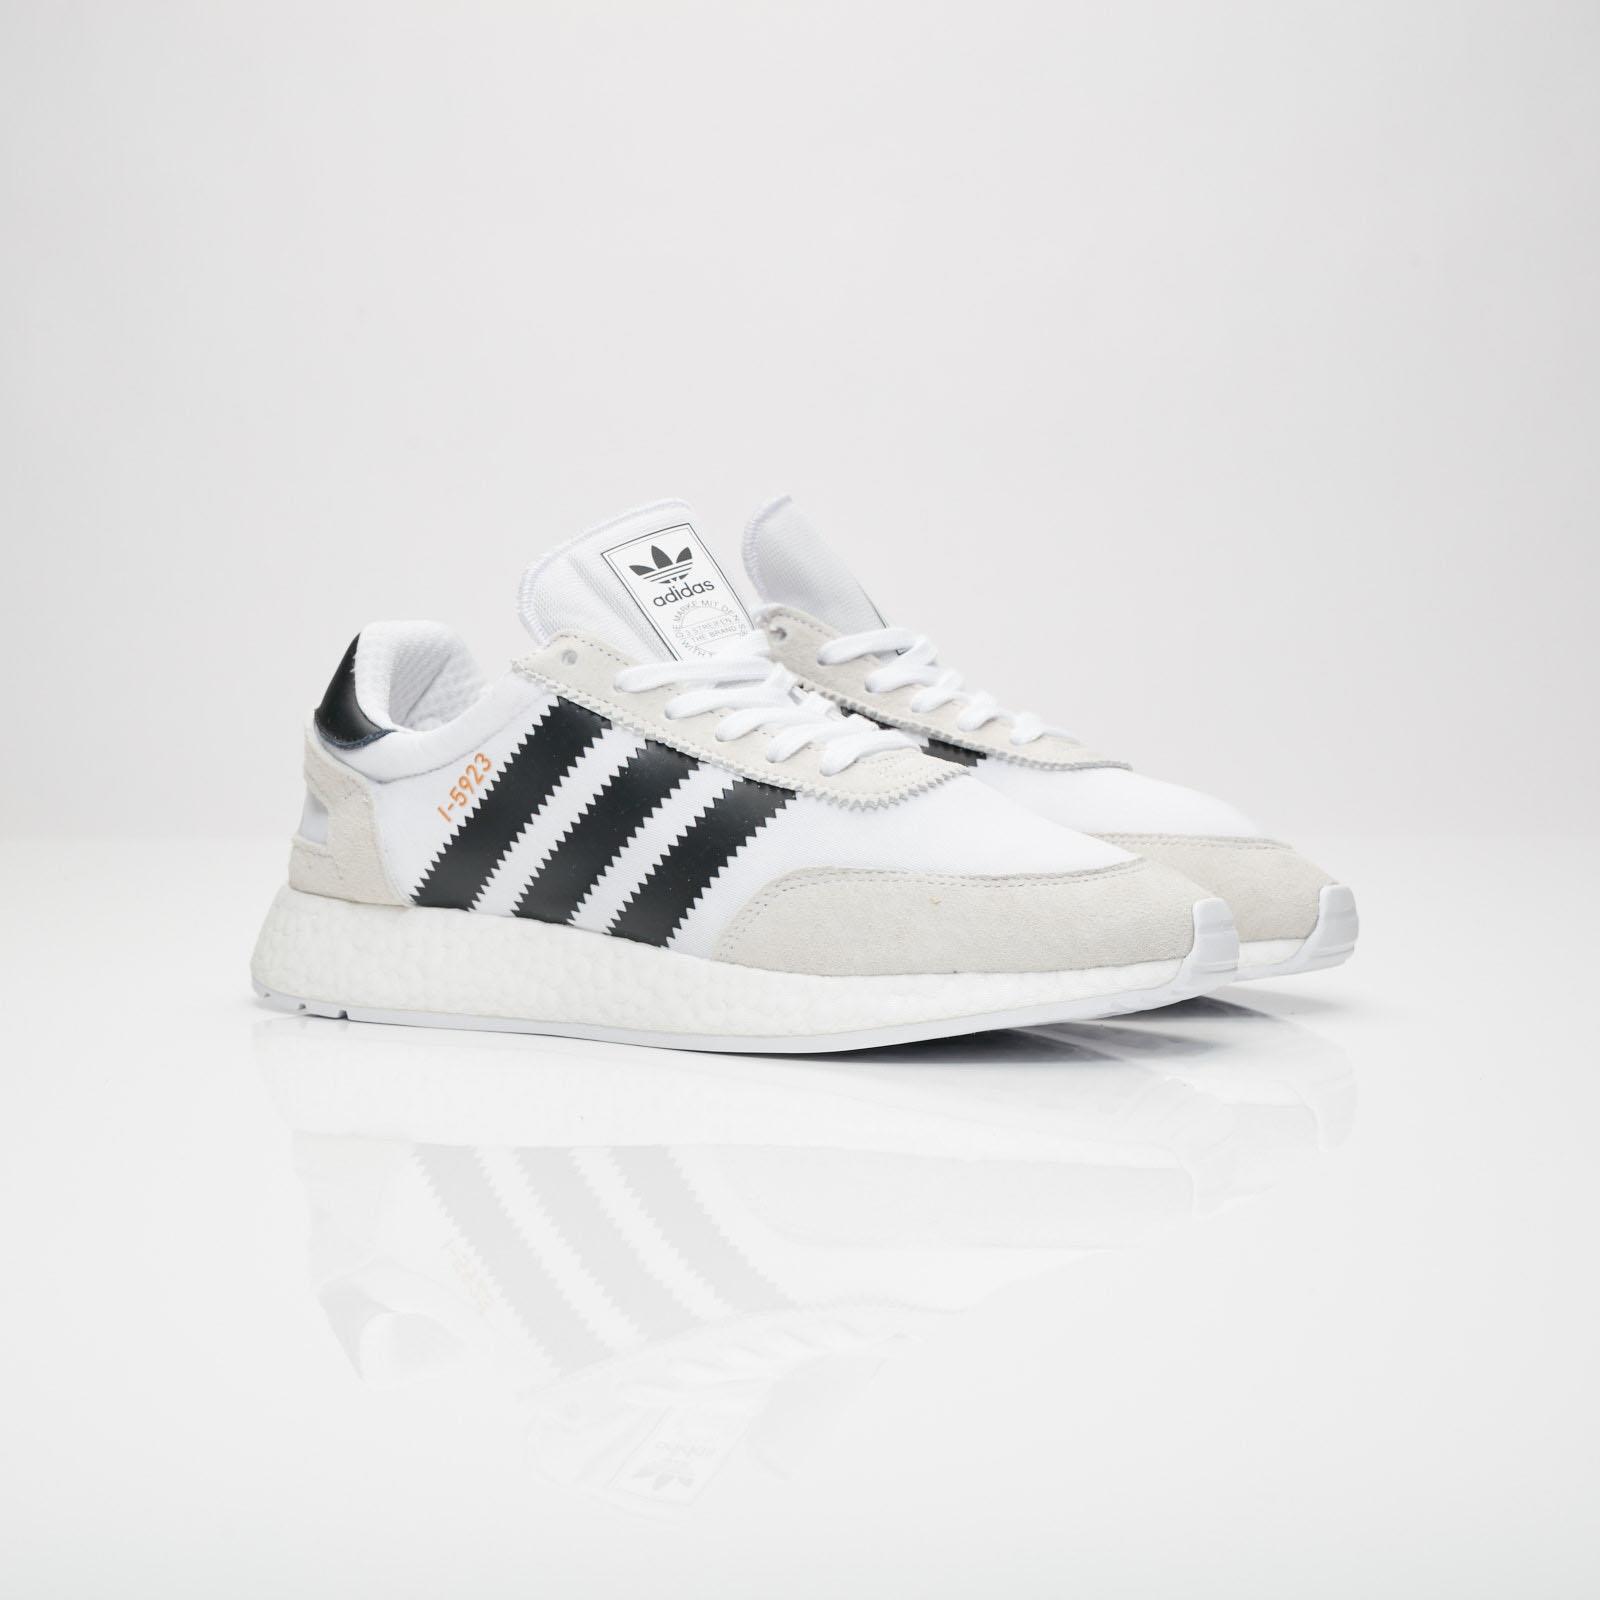 los angeles 93655 09399 adidas I-5923 - Cq2489 - Sneakersnstuff   sneakers   streetwear ...